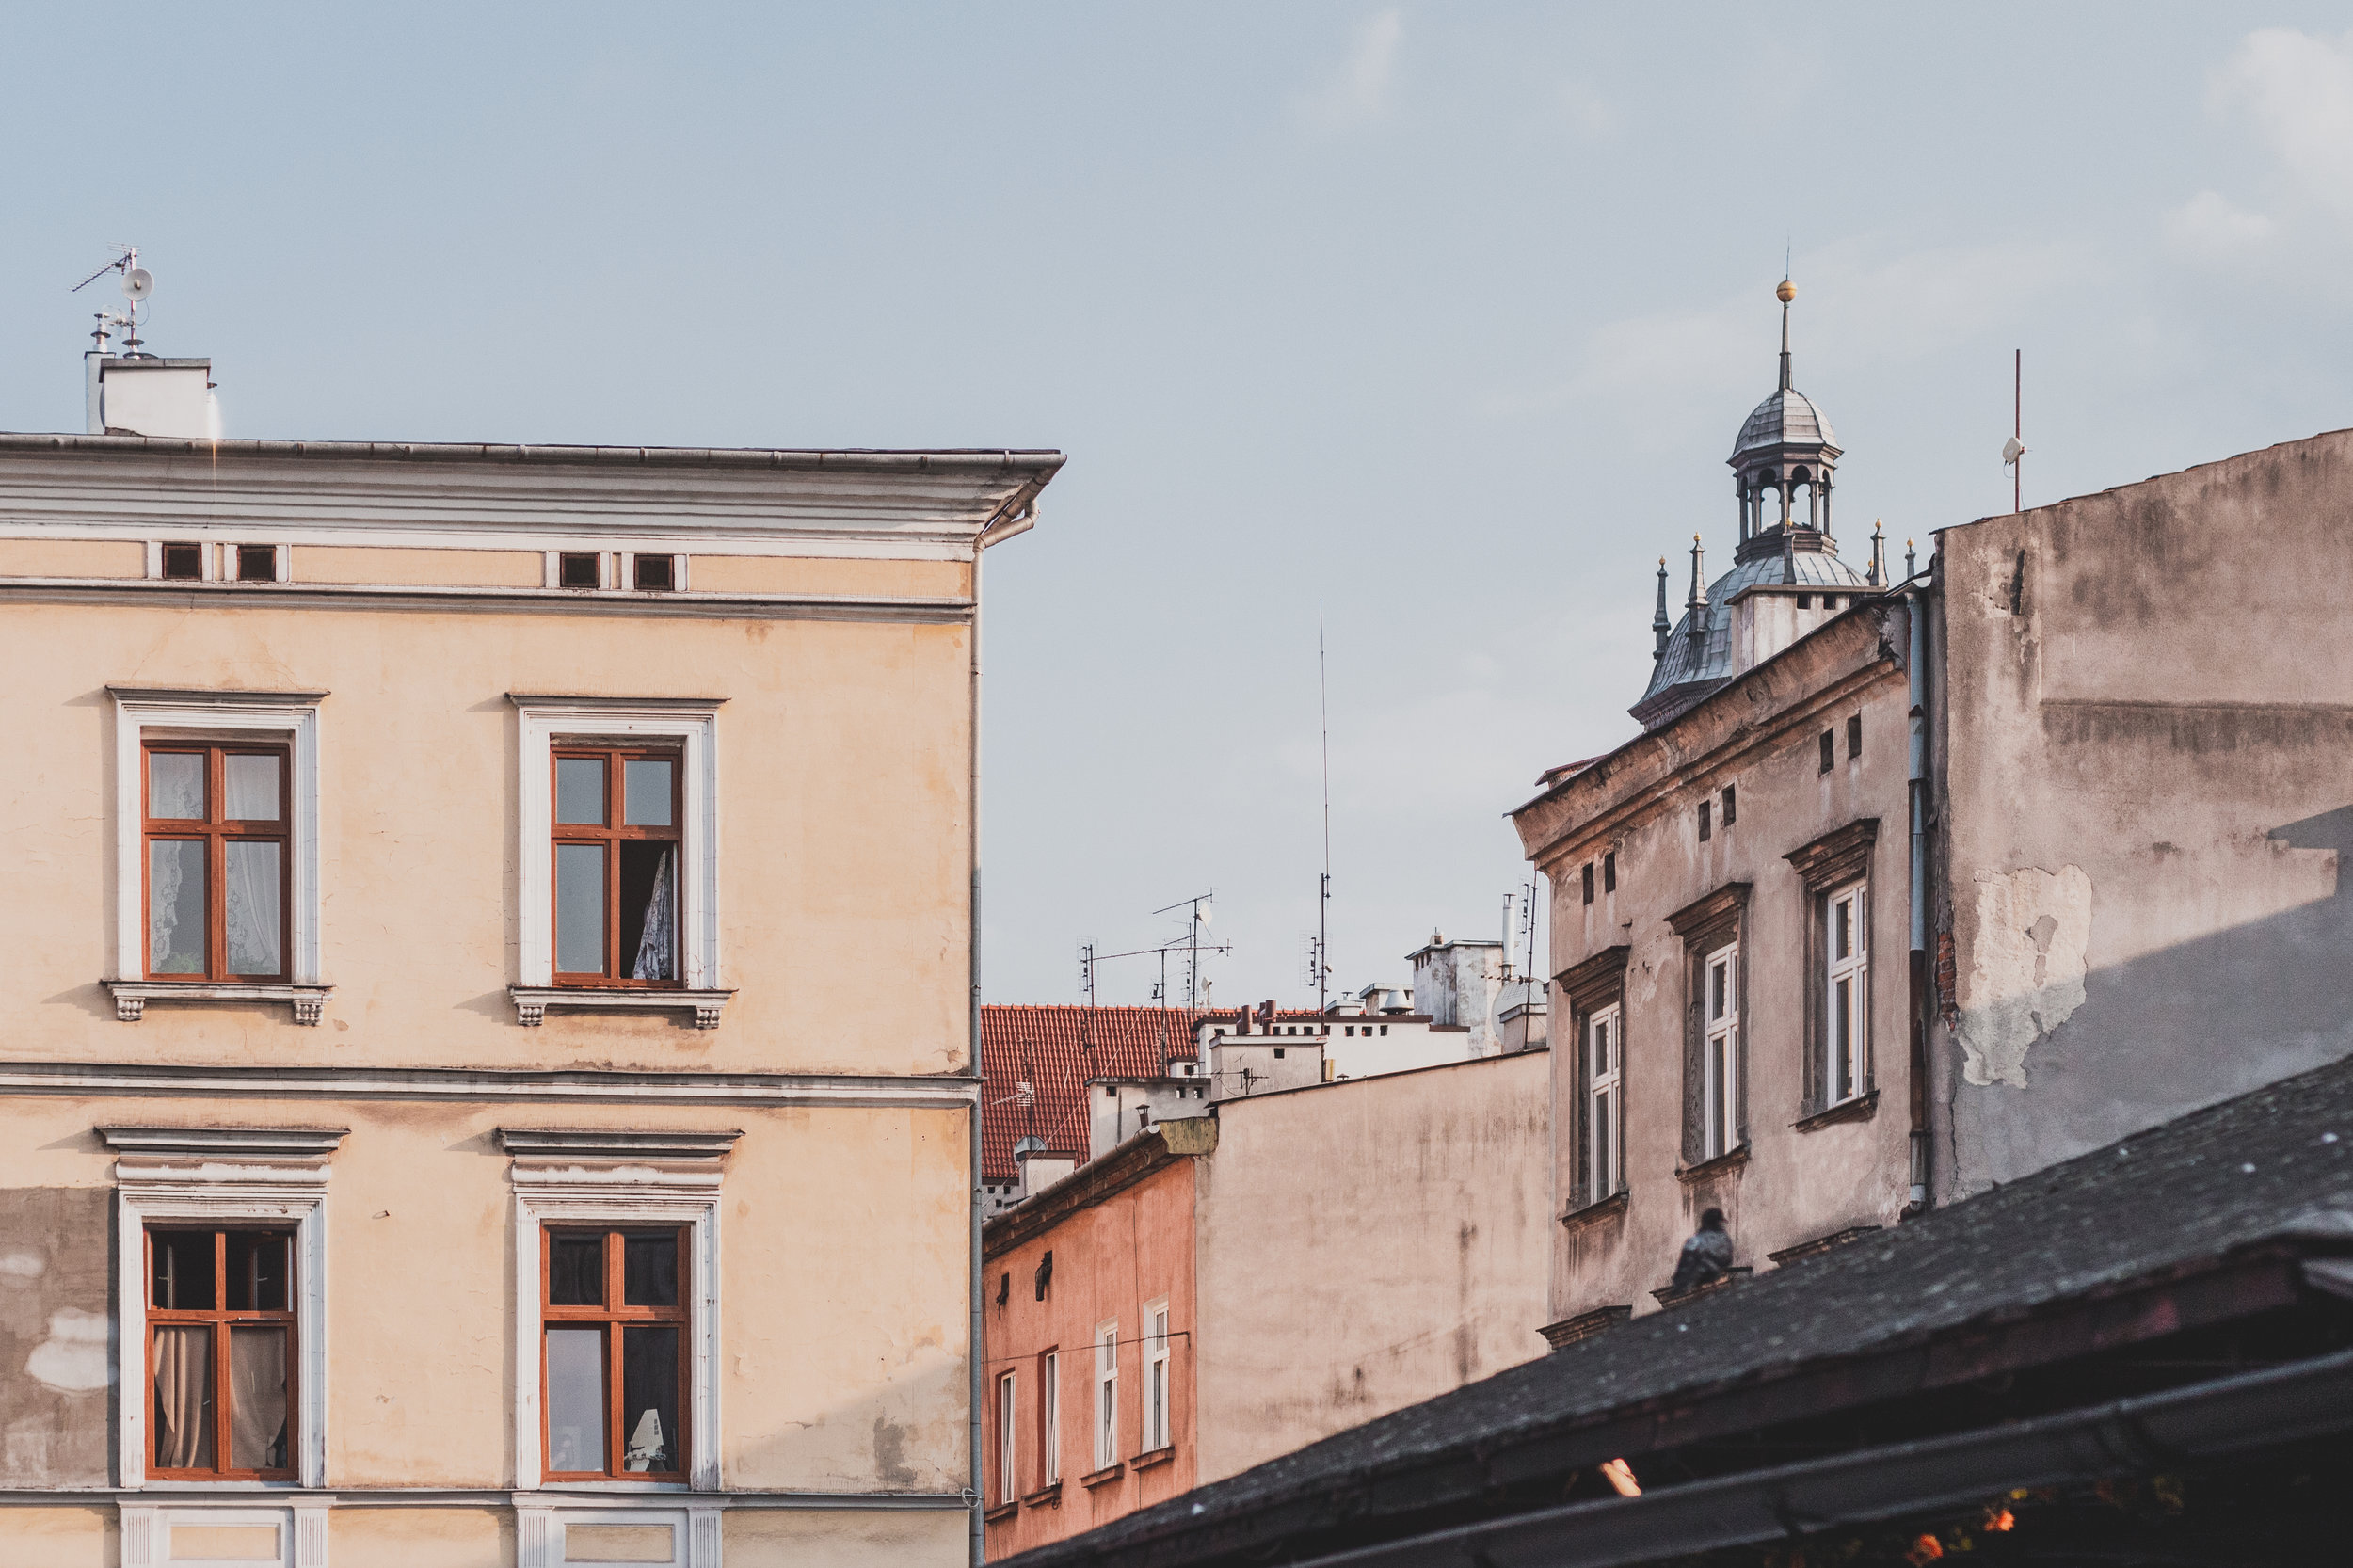 Poland+Kraków+to do+Kazimierz+Jewish Quarter